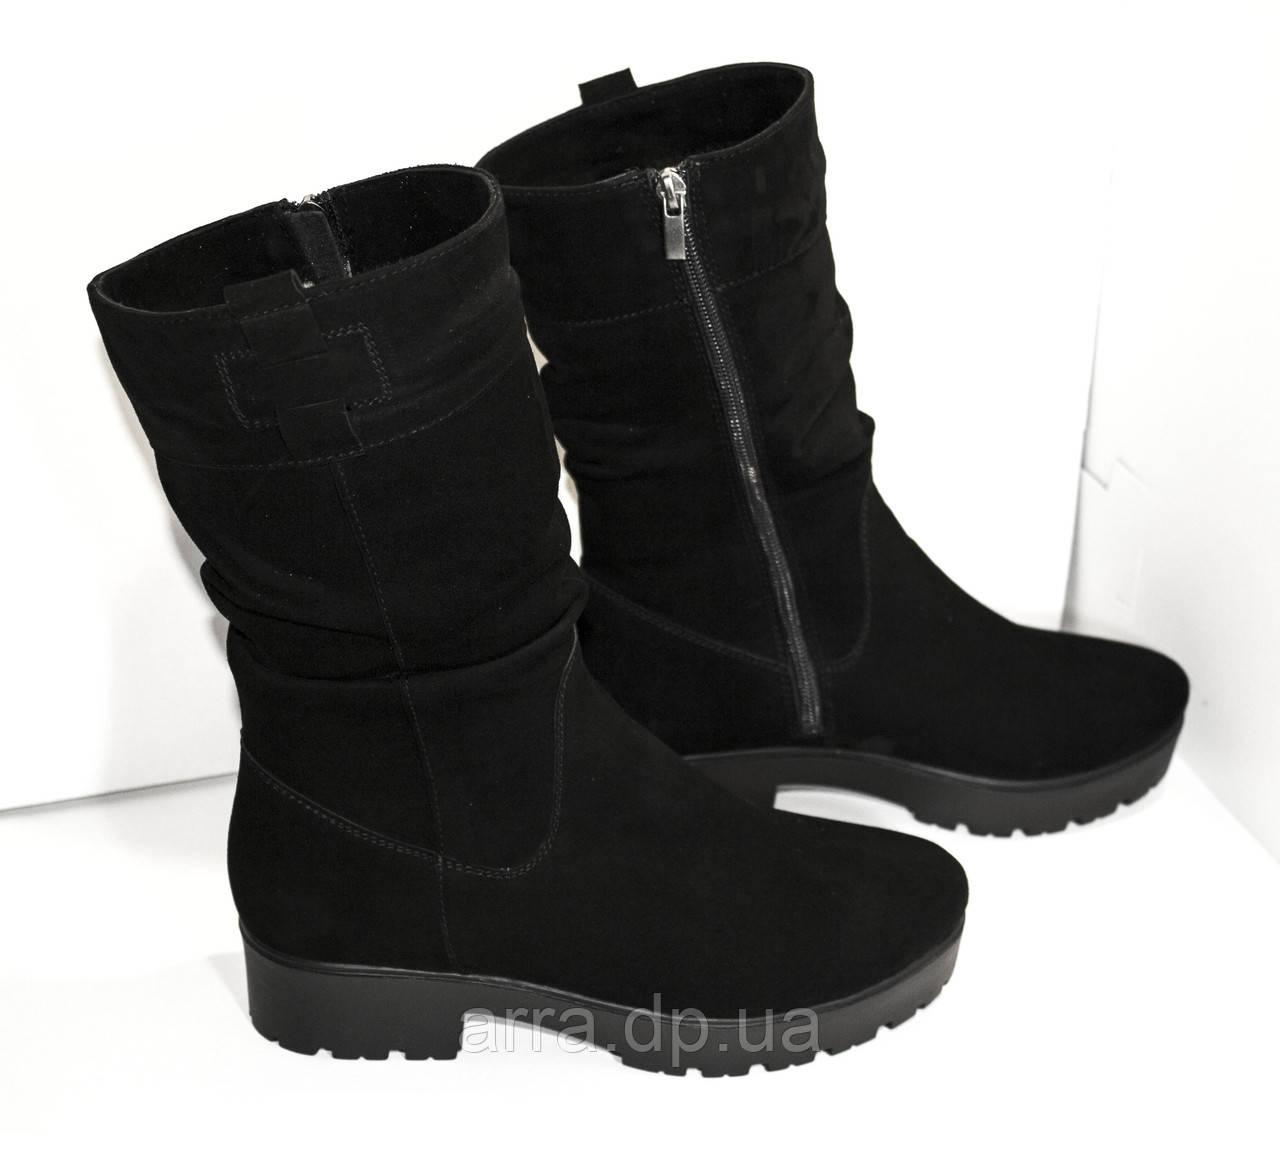 5287495e8 Полусапожки замшевые - Интернет - магазин кожаной обуви от фабрики  производителя ARRA г. Днепр в